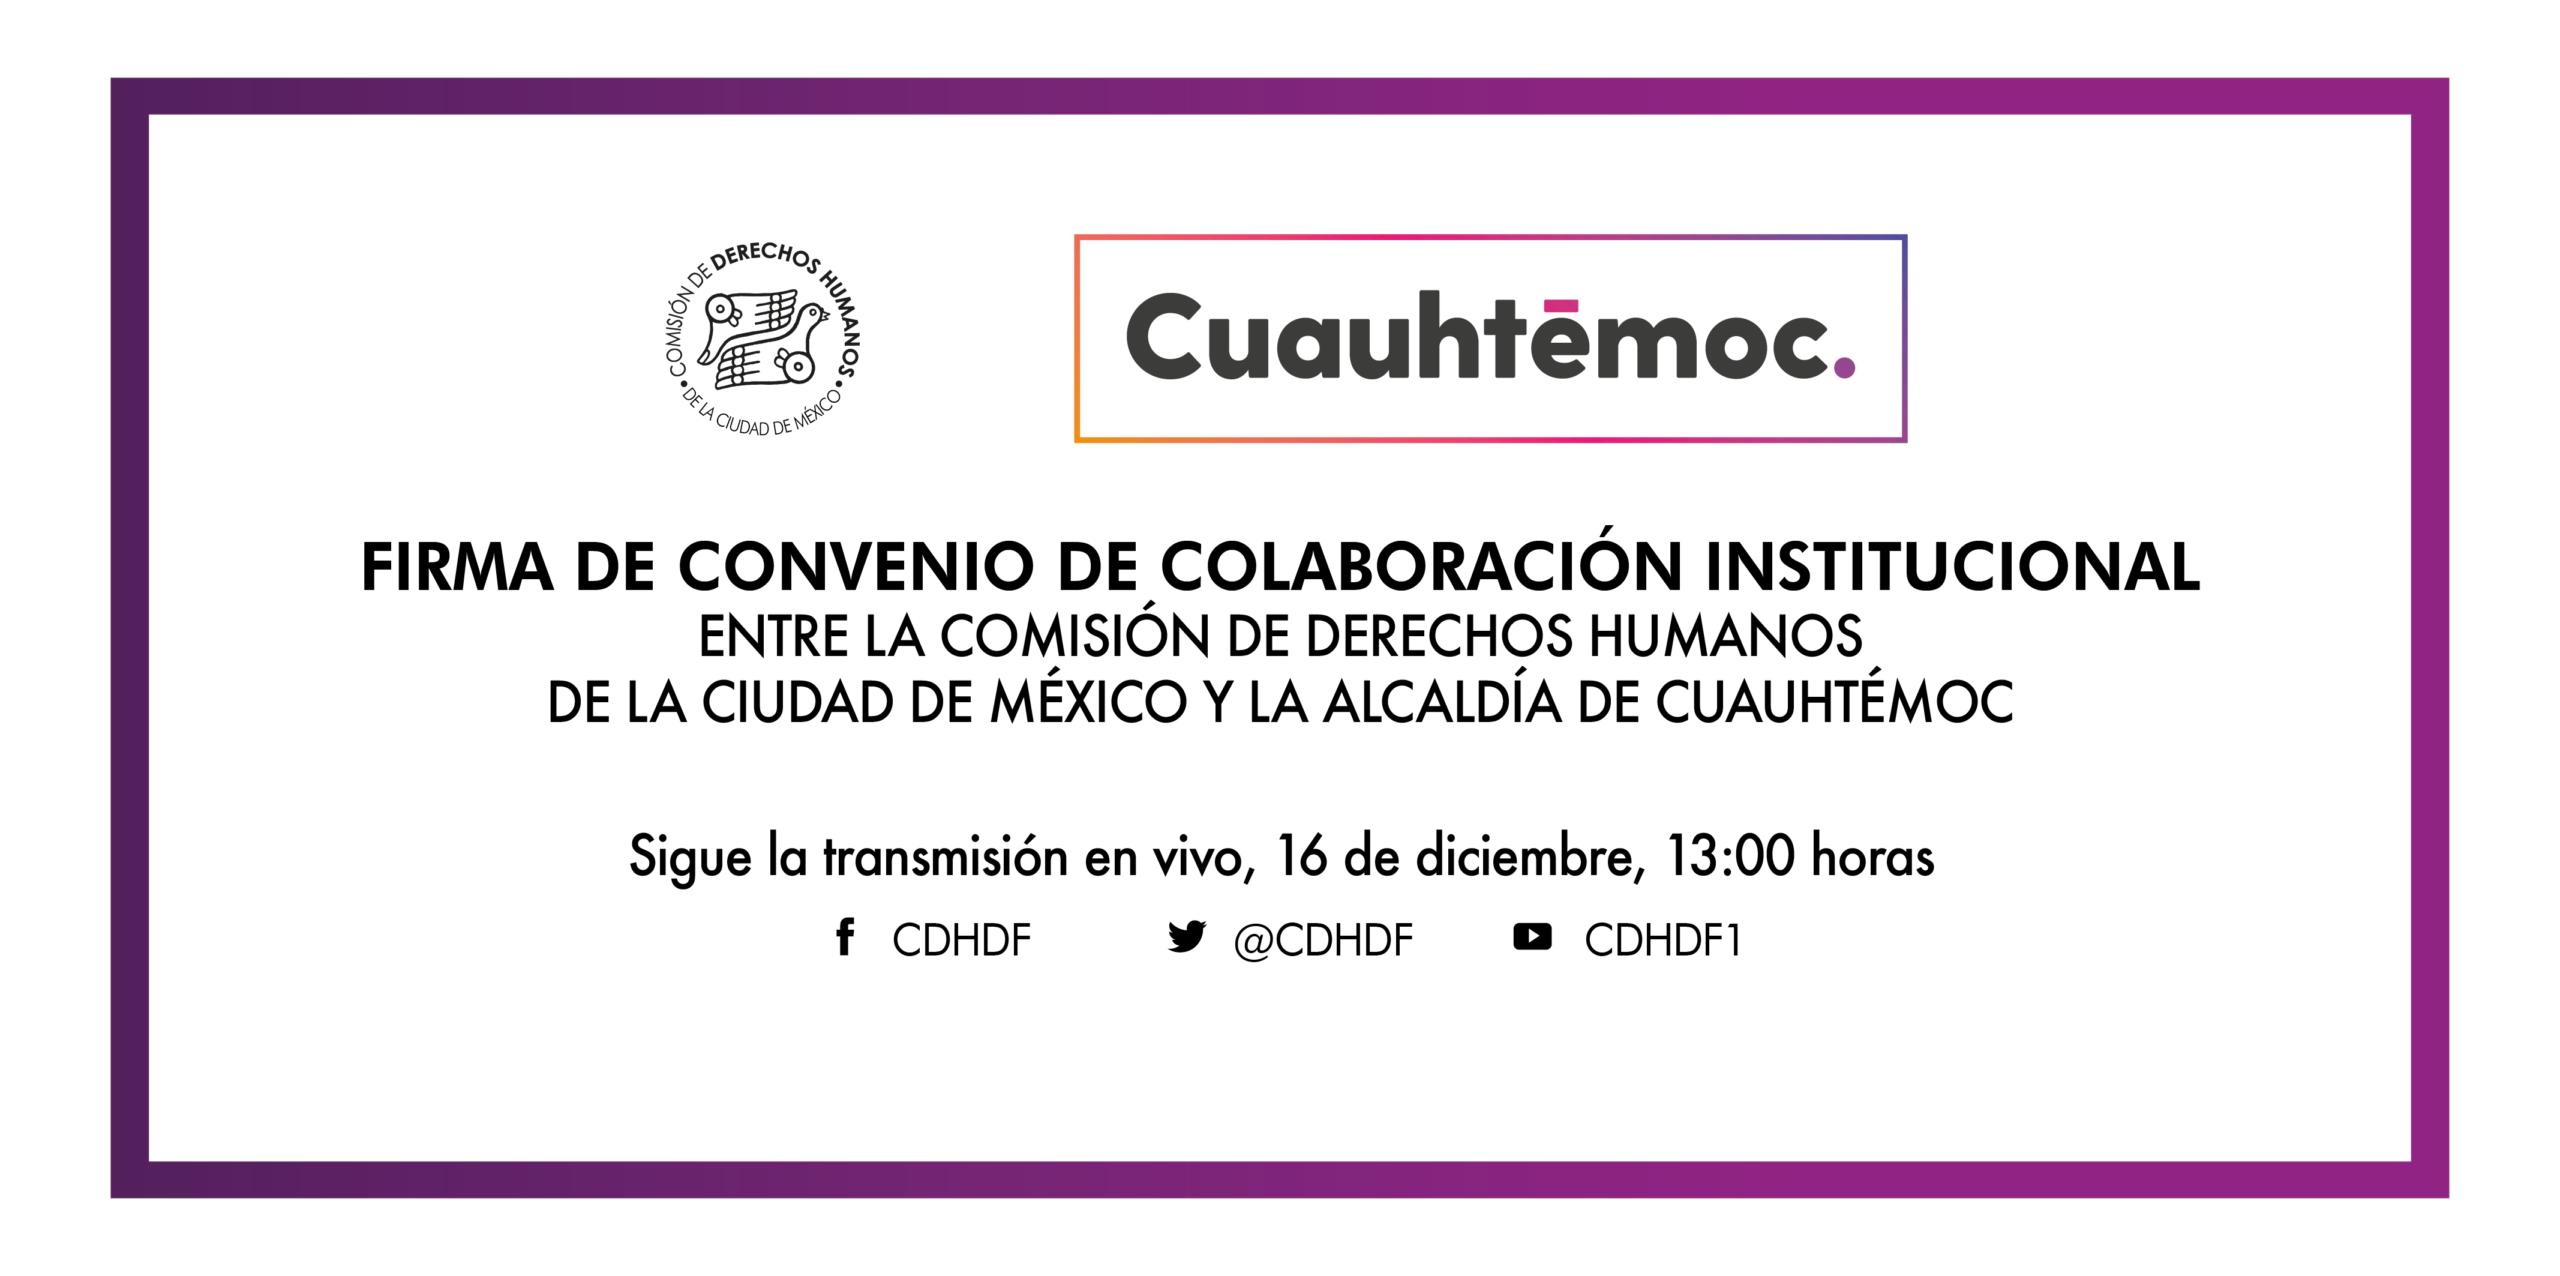 Inauguración de la Delegación de este Organismo en la Alcaldía Cuauhtémoc @ Av. Universidad 1449, colonia Pueblo Axotla, Alcaldía Álvaro Obregón, Ciudad de México